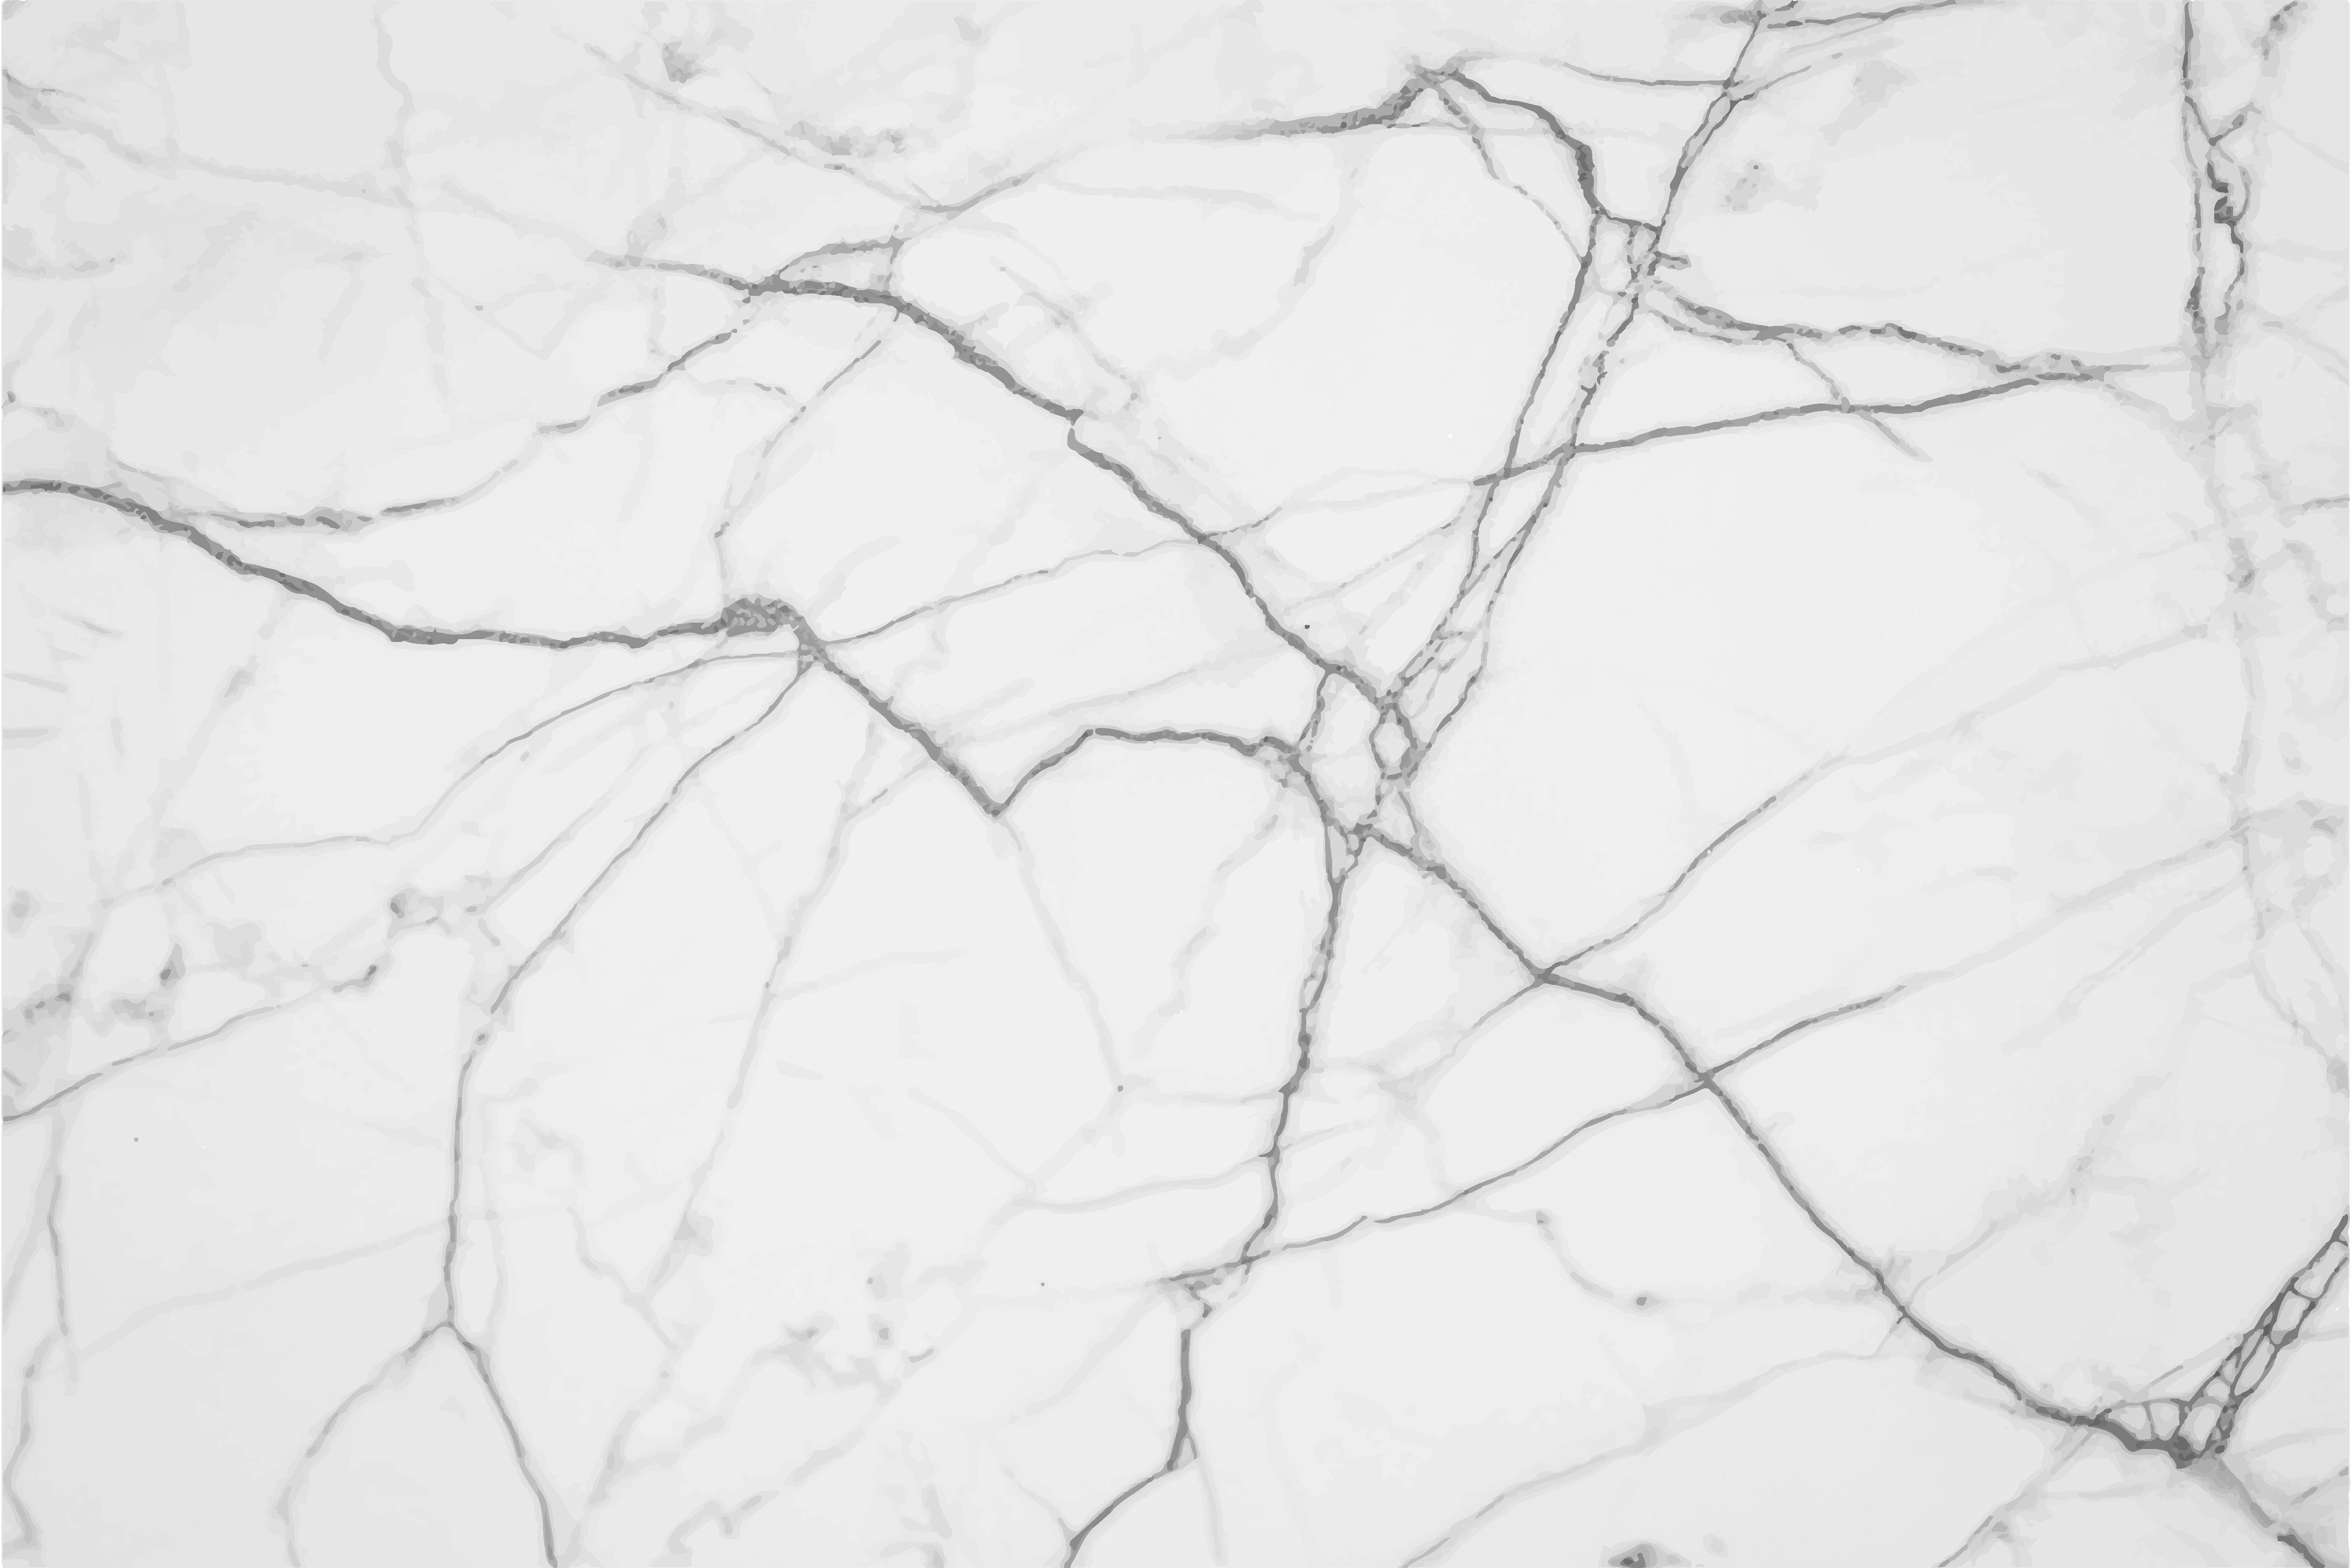 Marble veins